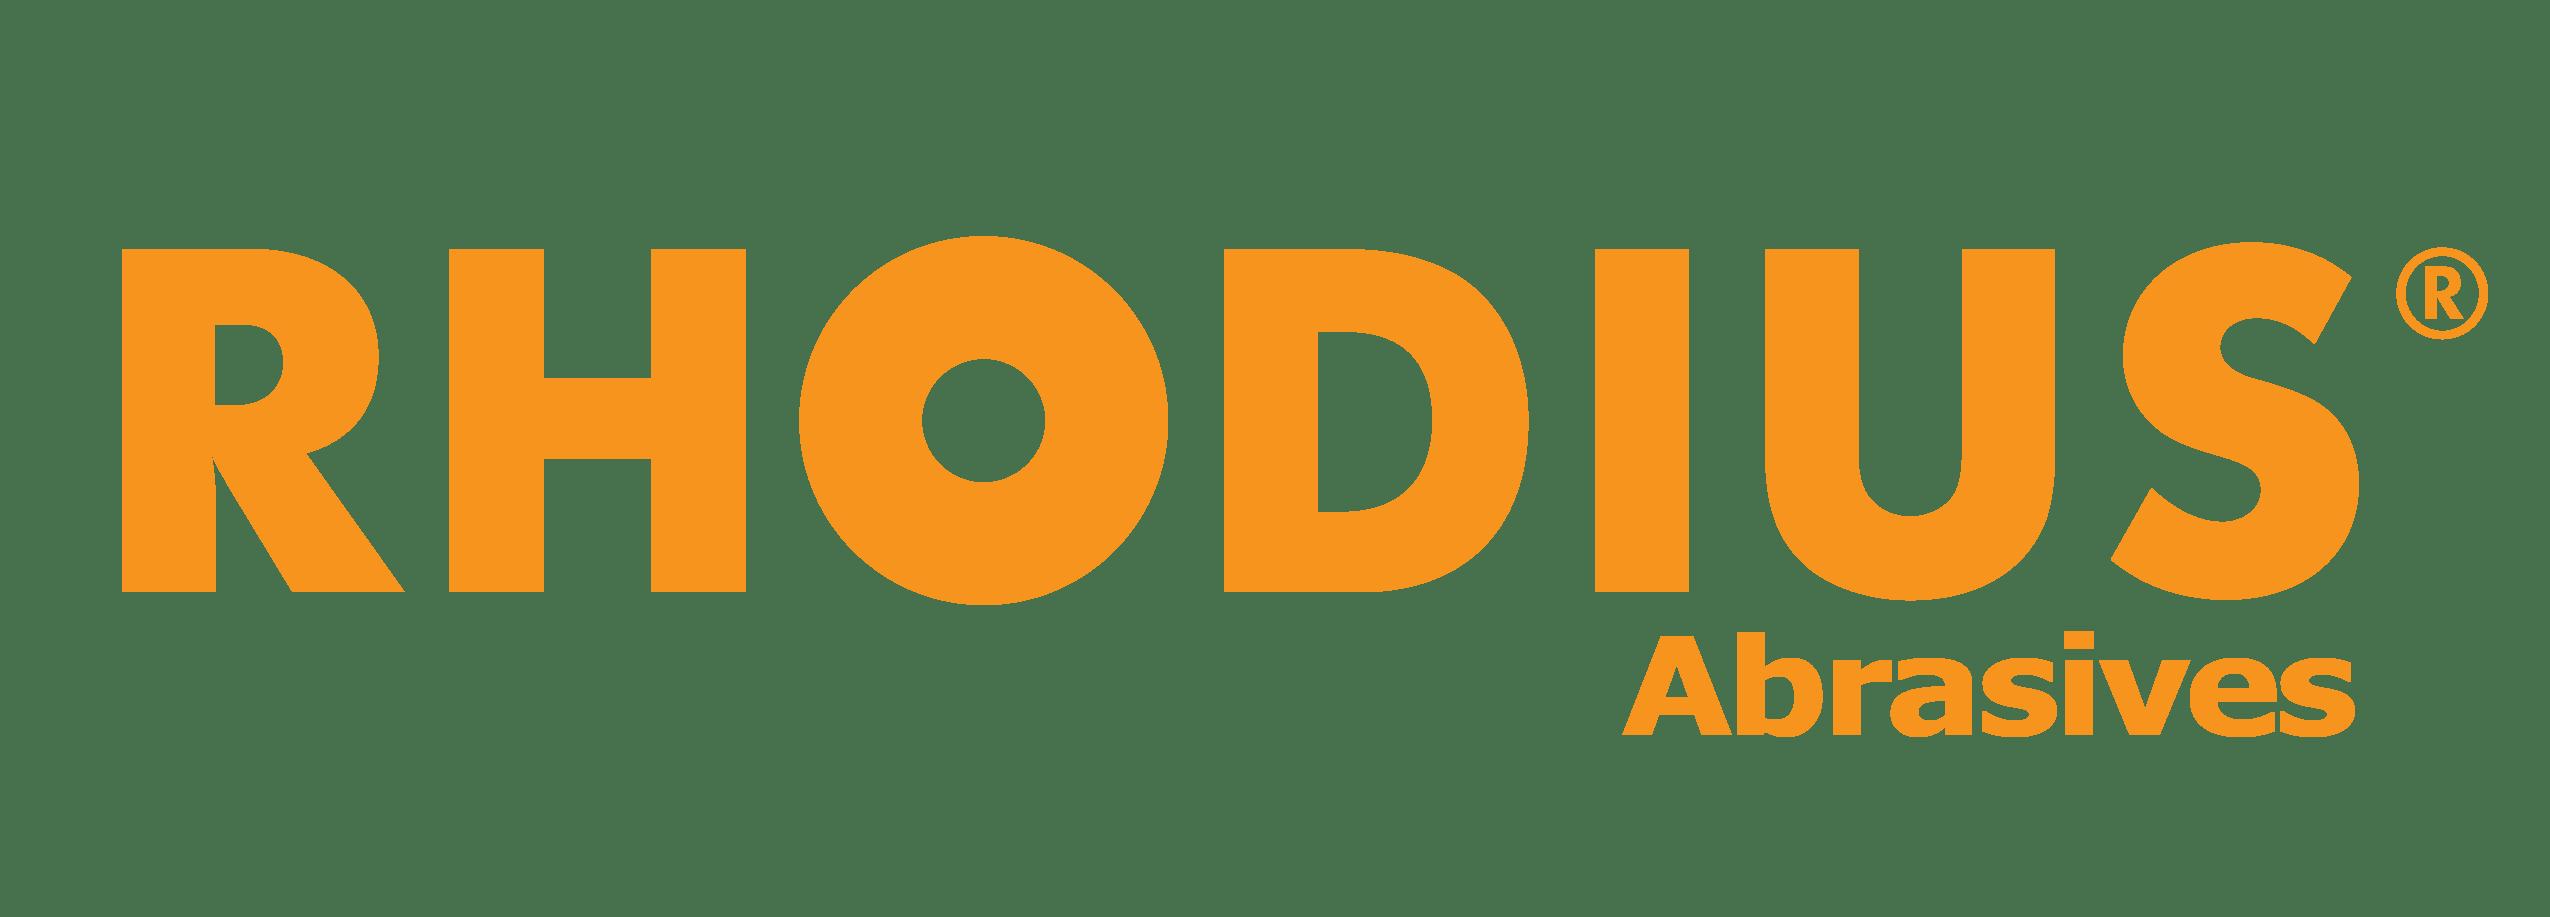 Rhodius-Logo orange-01